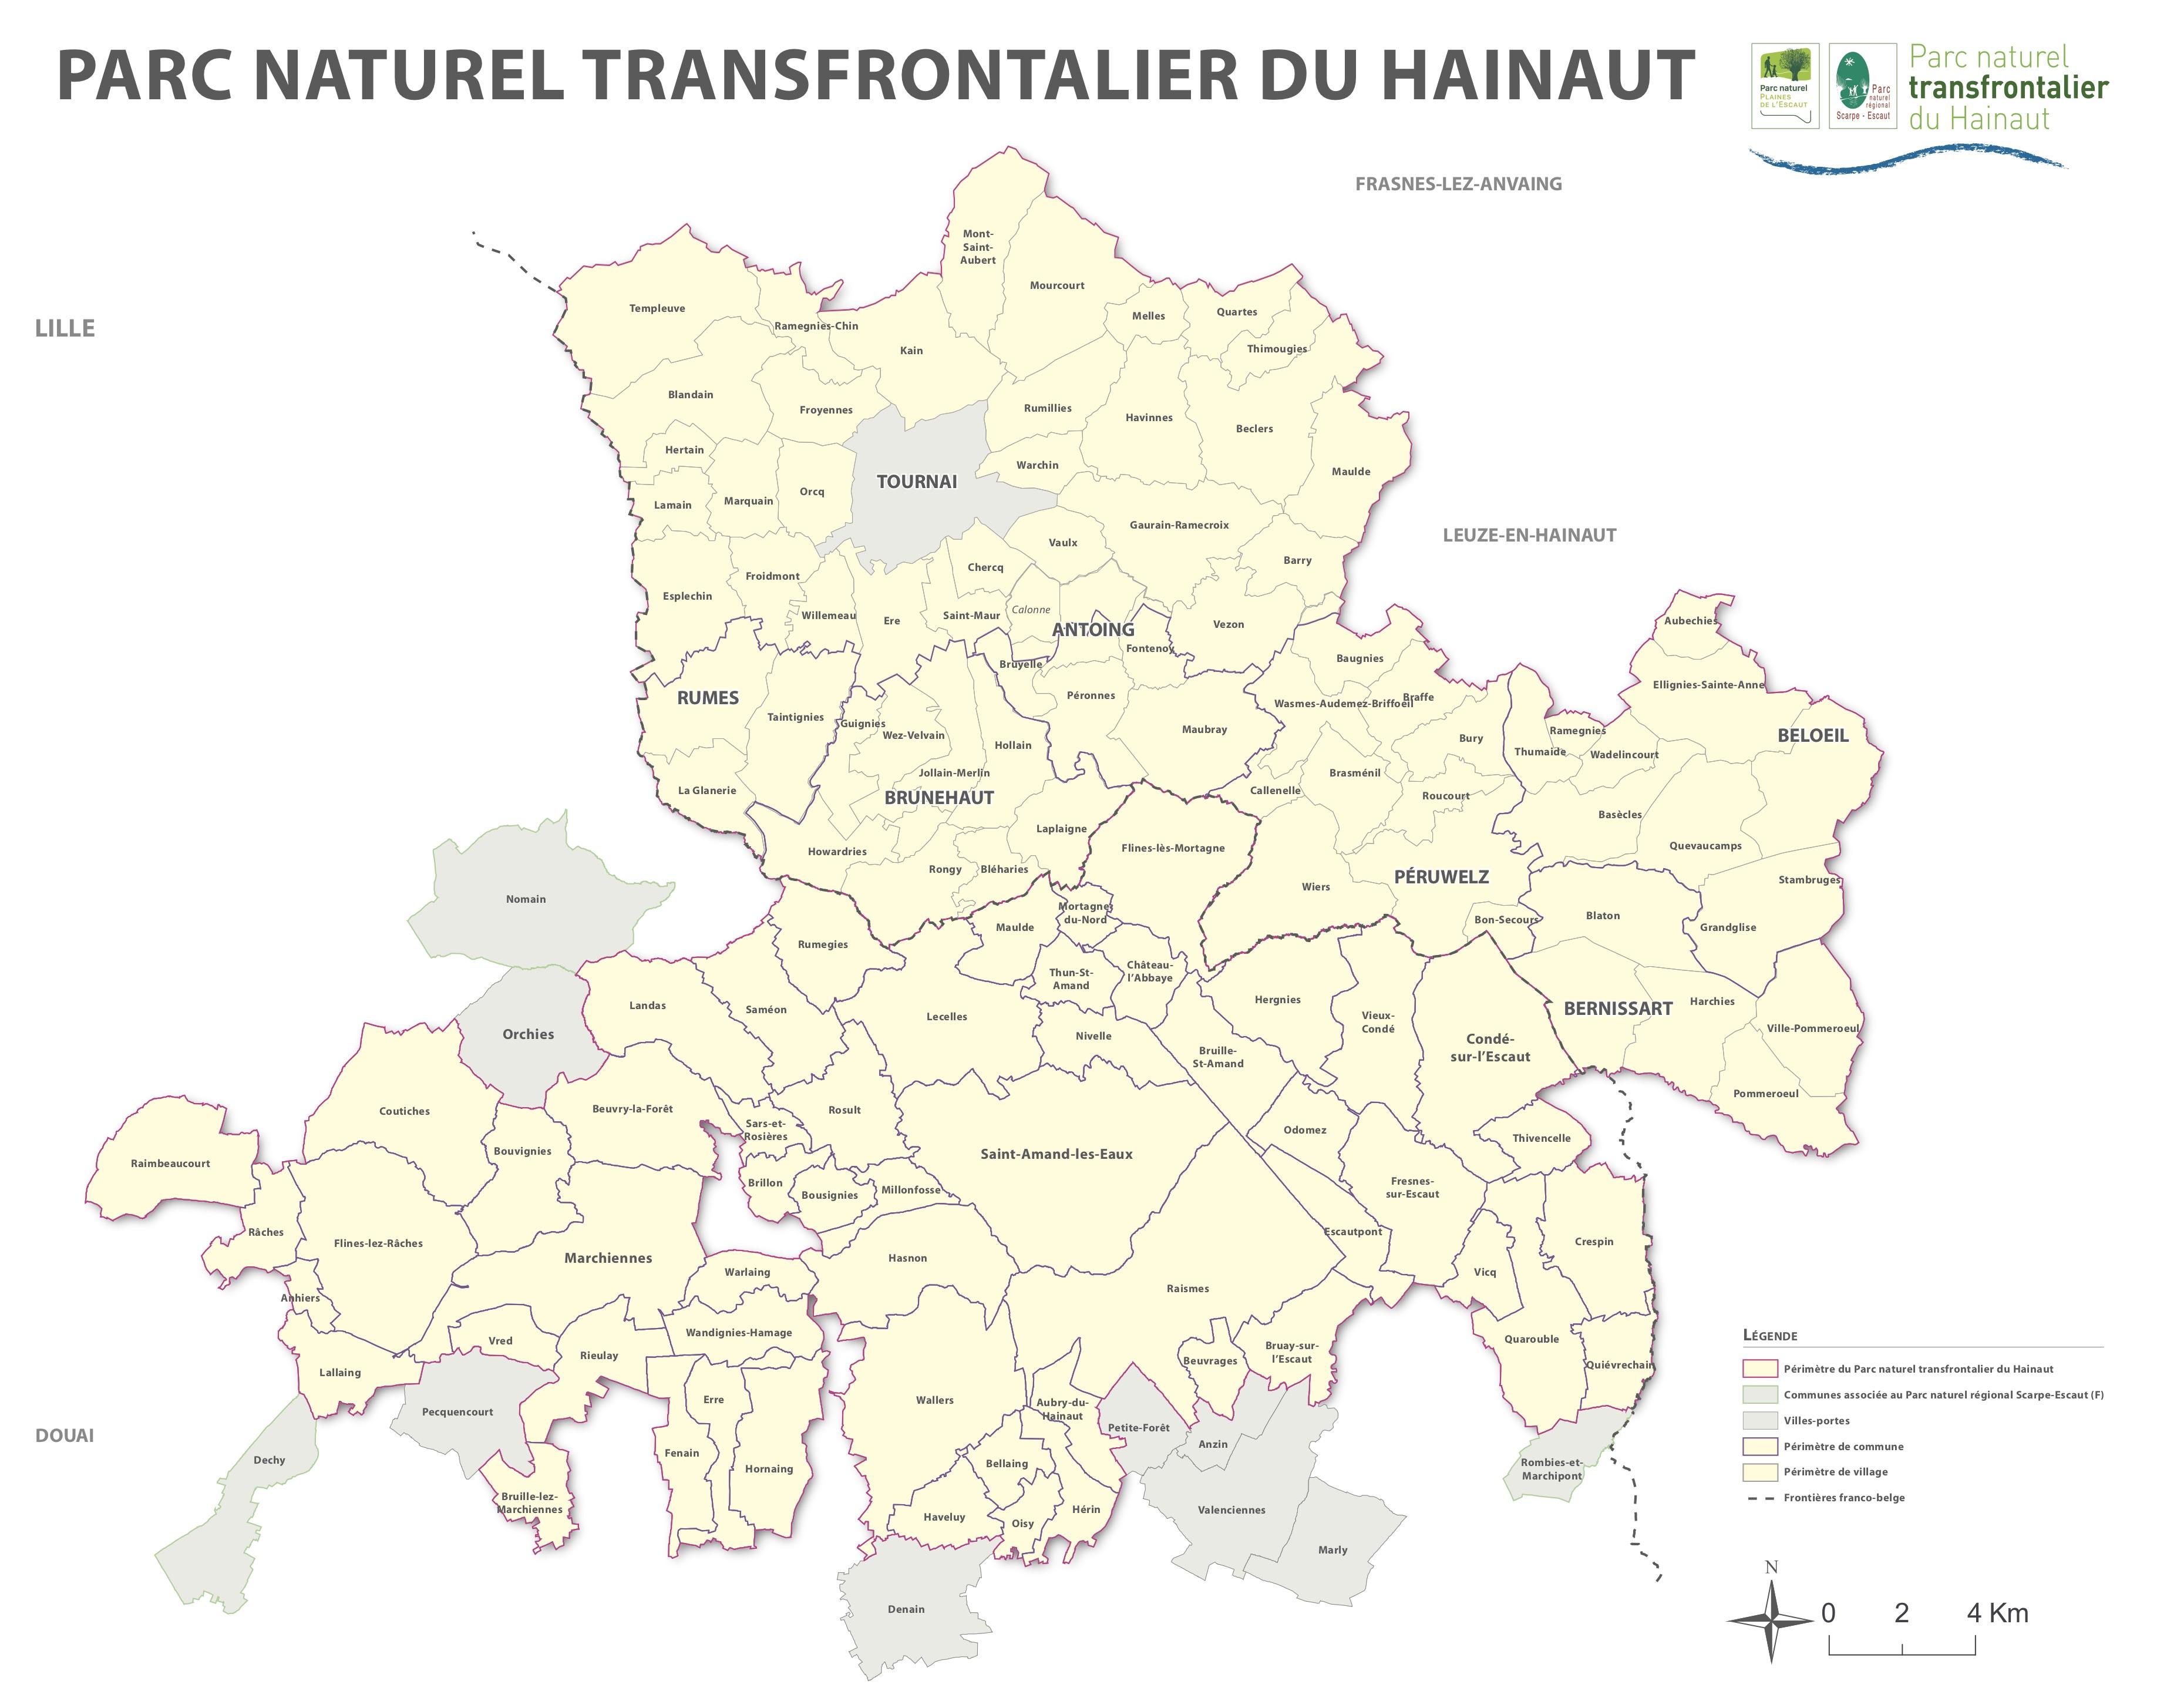 image Territoire_PNTH_avec_extension_Tournai_v5.jpg (1.0MB)